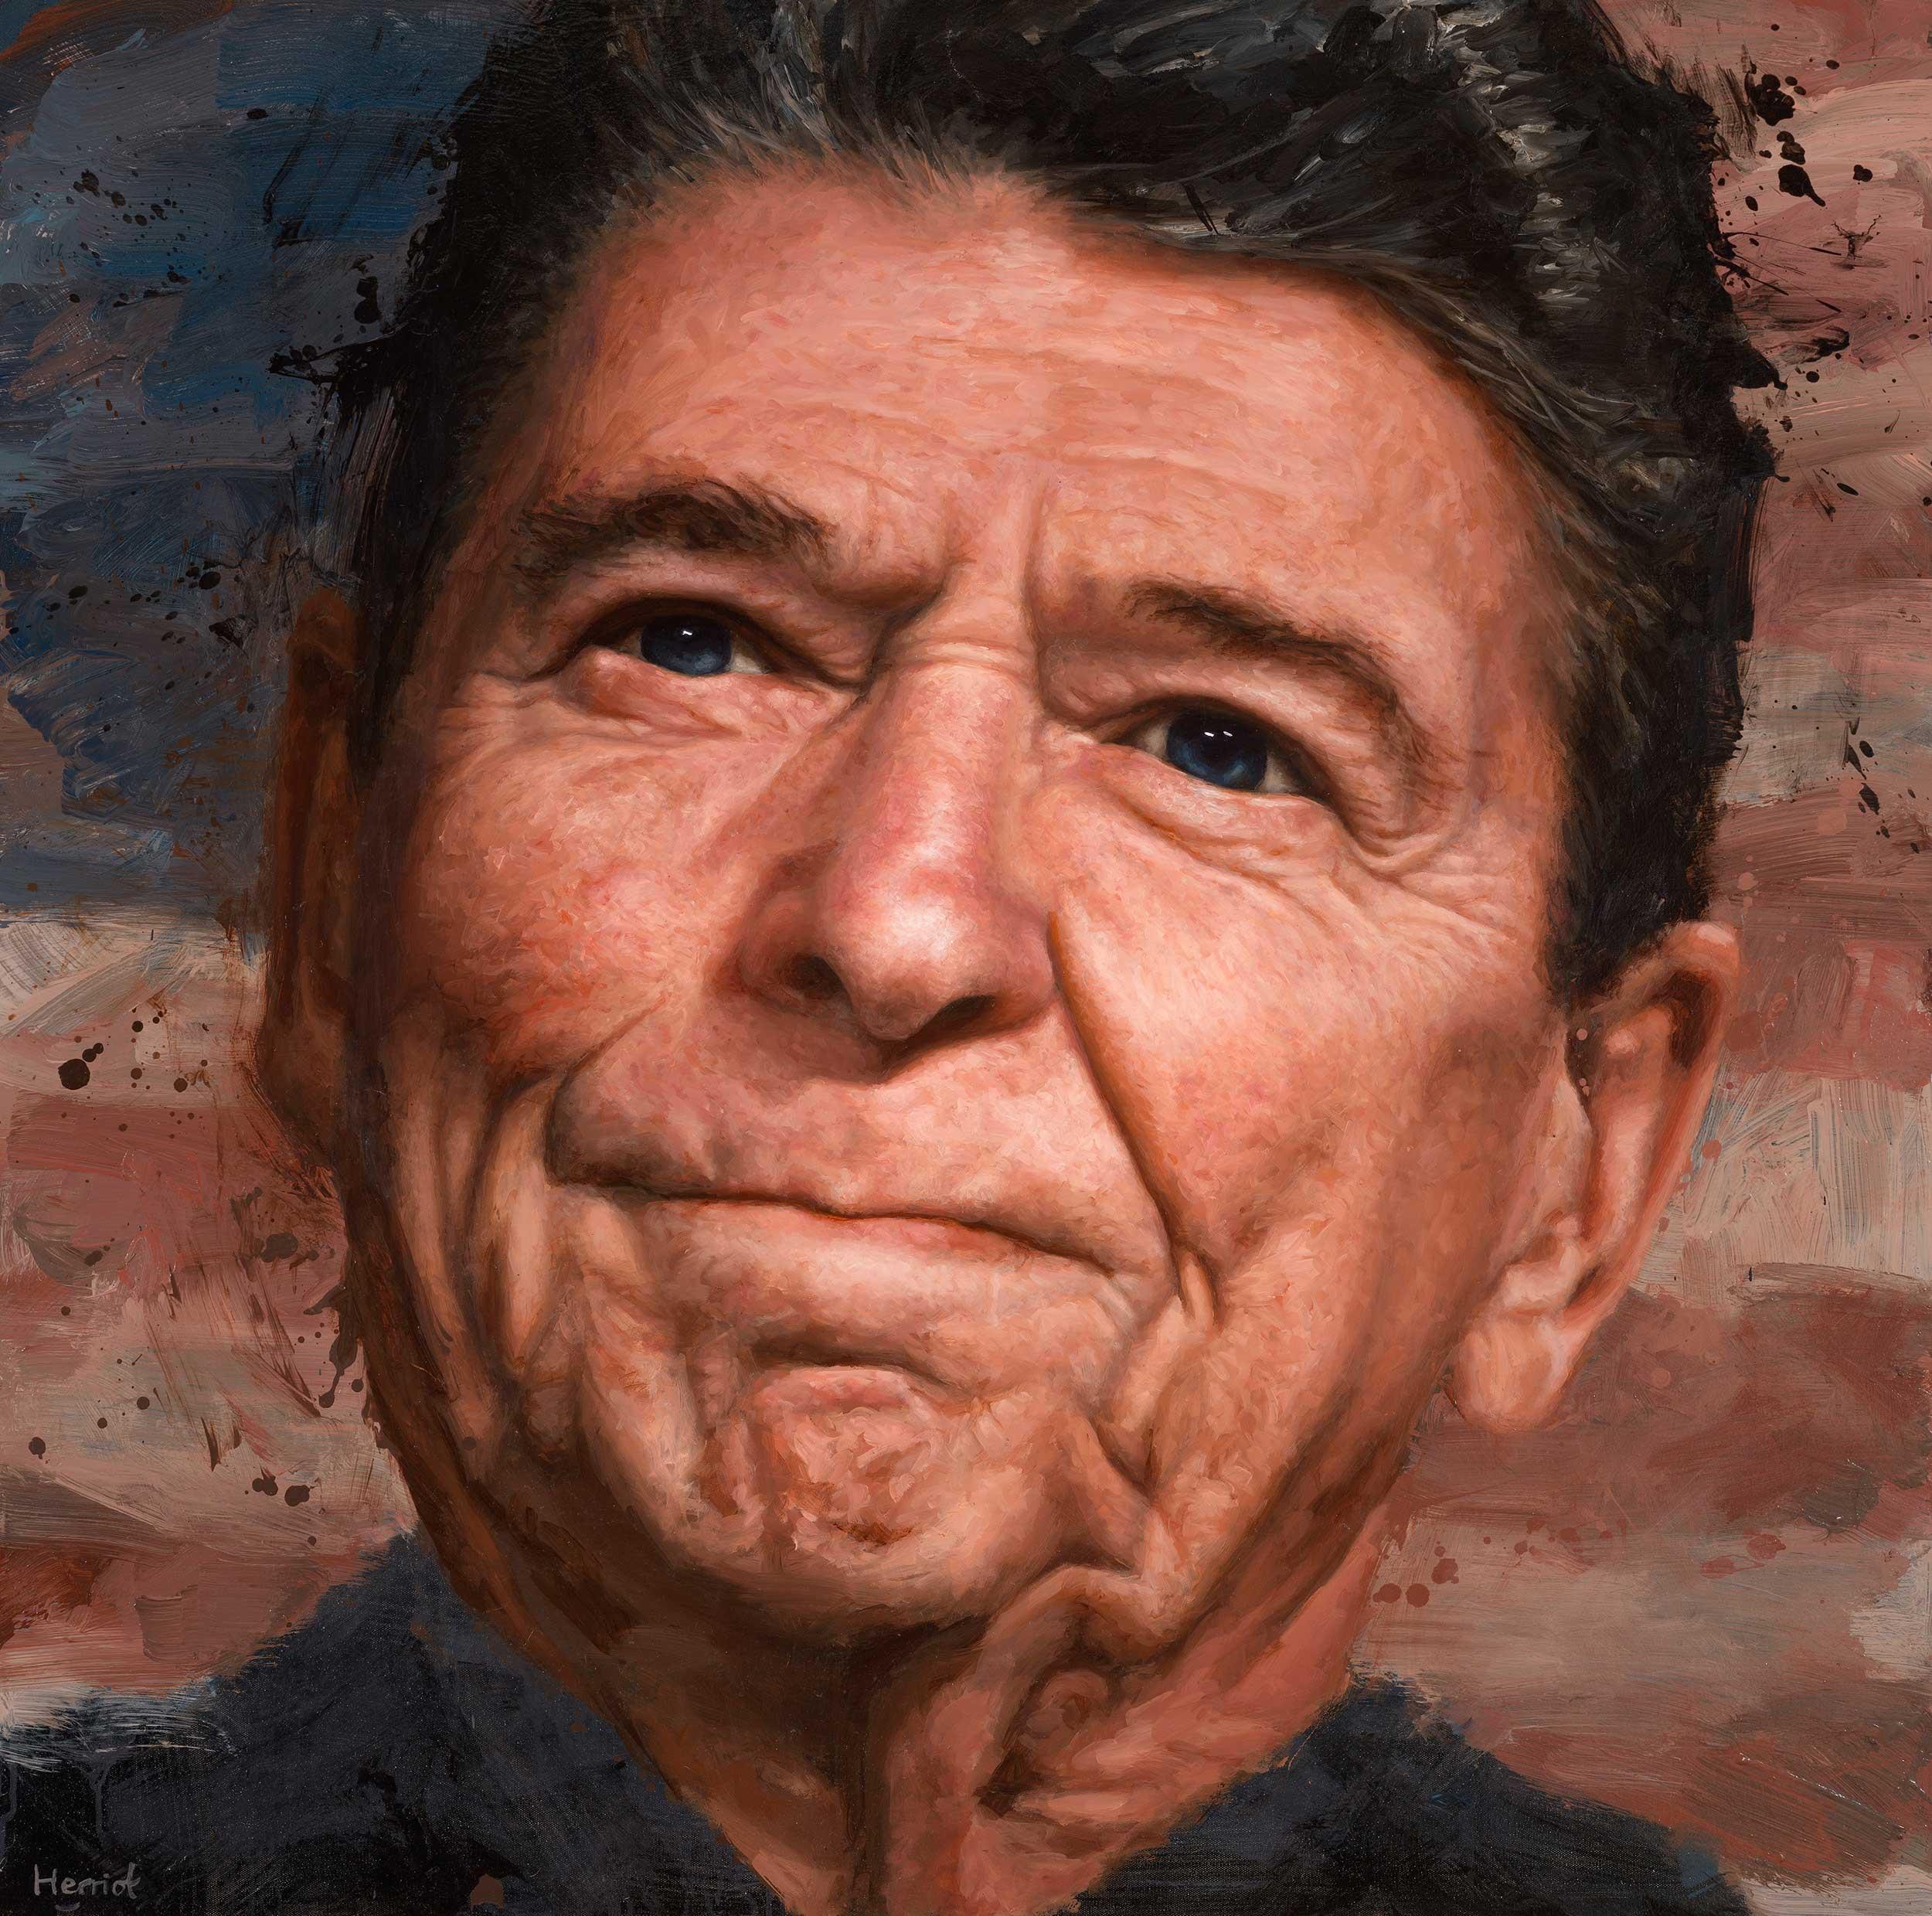 'Reagan'